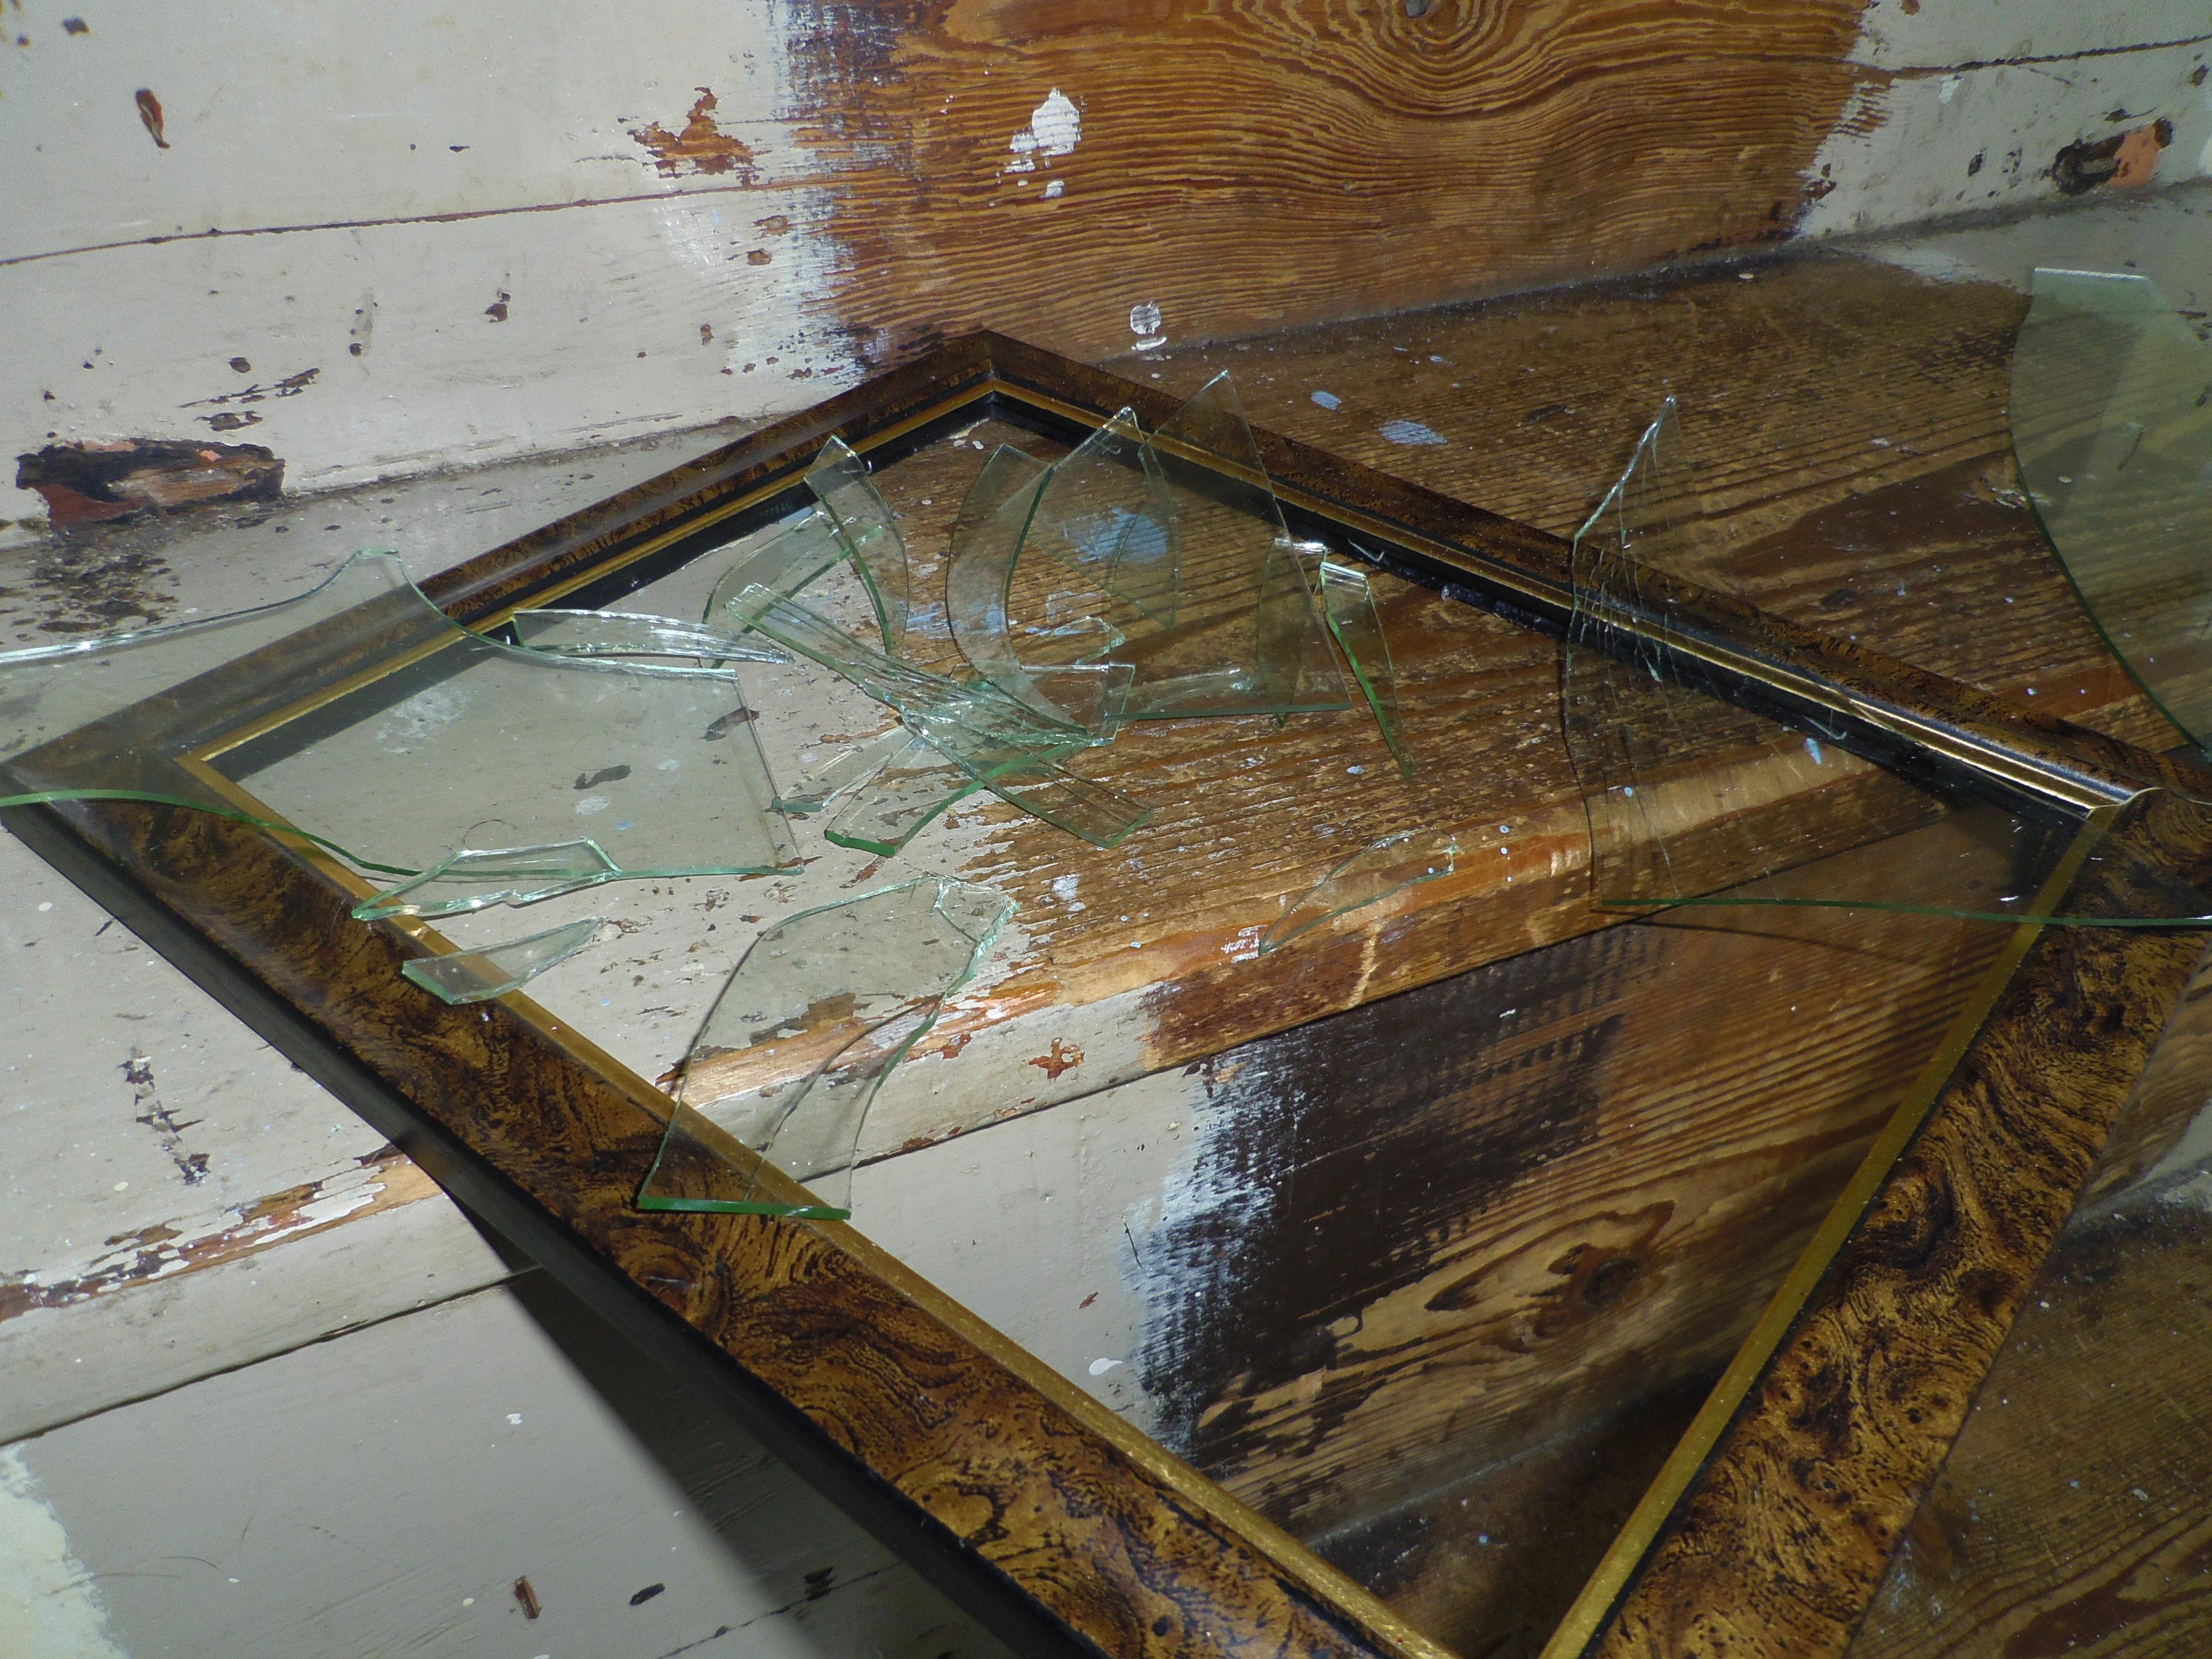 Broken Glasses Frame Dream : Frame of Broken Glass #1 by StevenARTify on DeviantArt